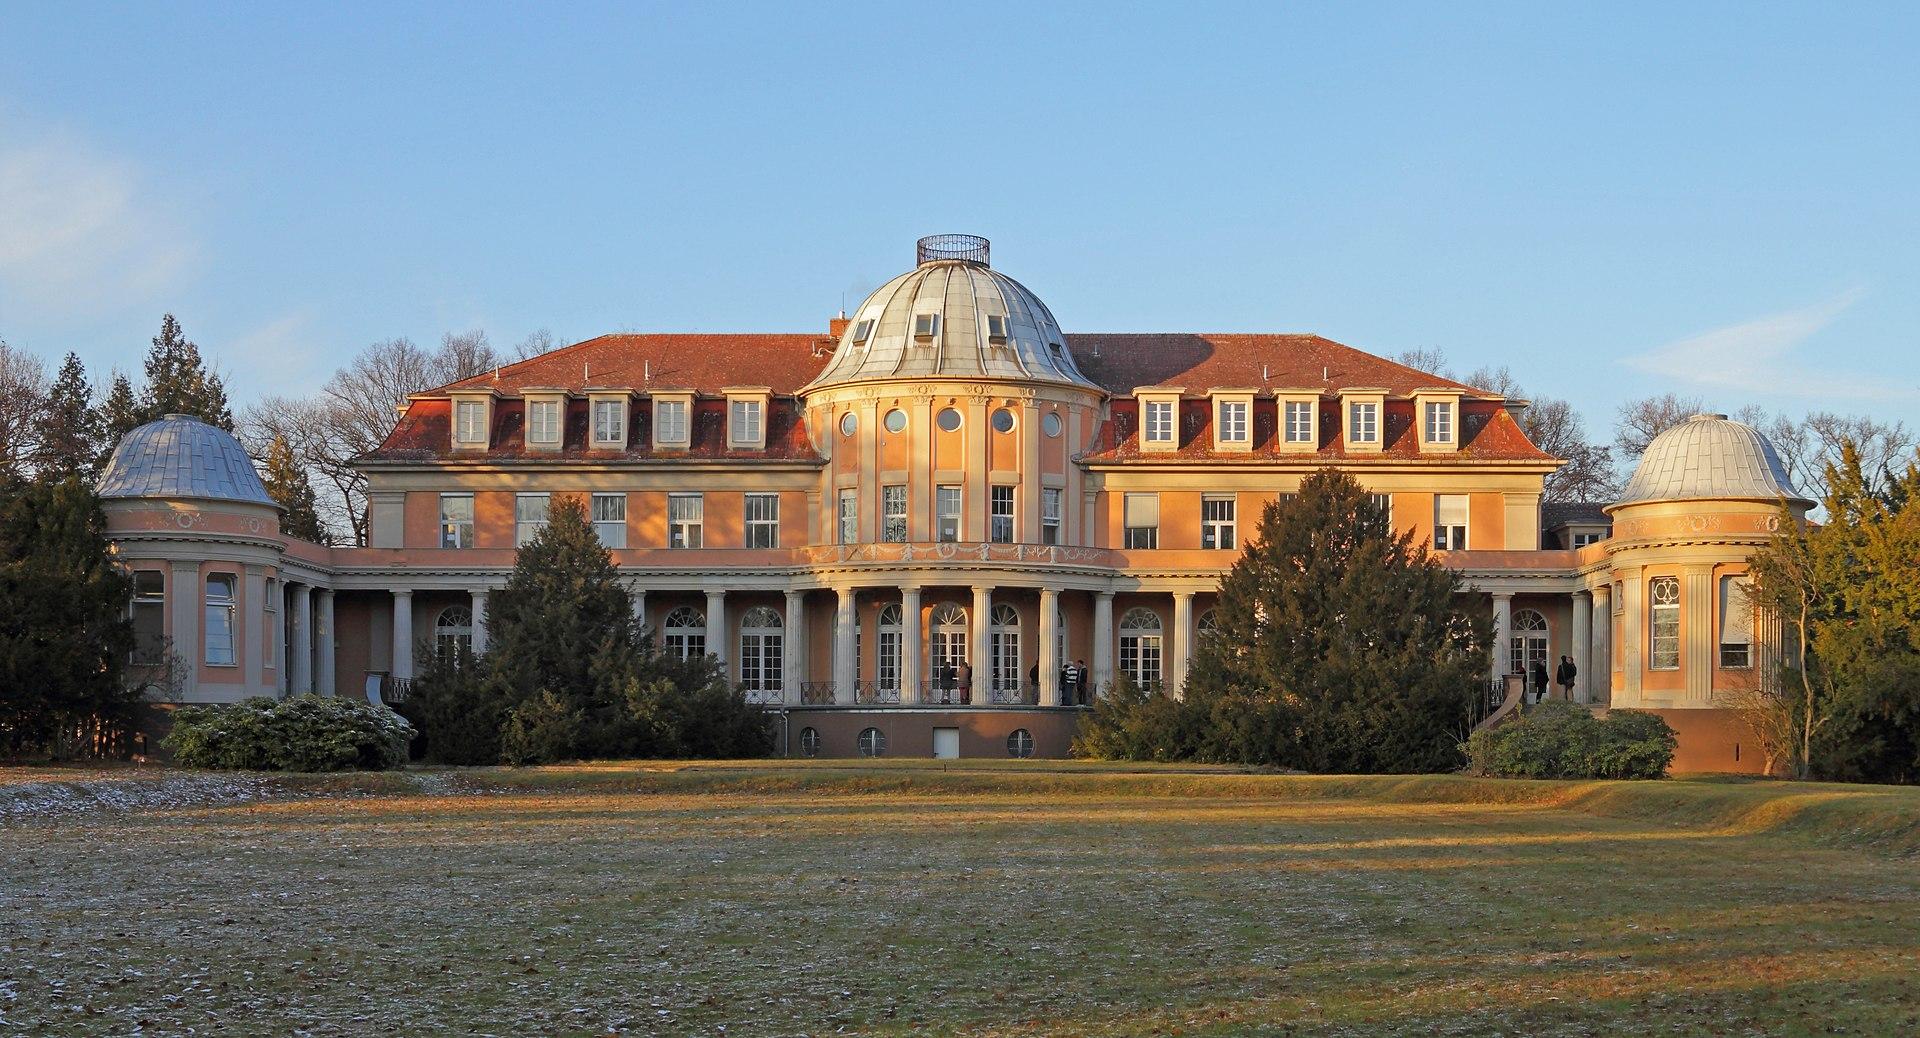 Siemens-Villa U2013 Wikipedia